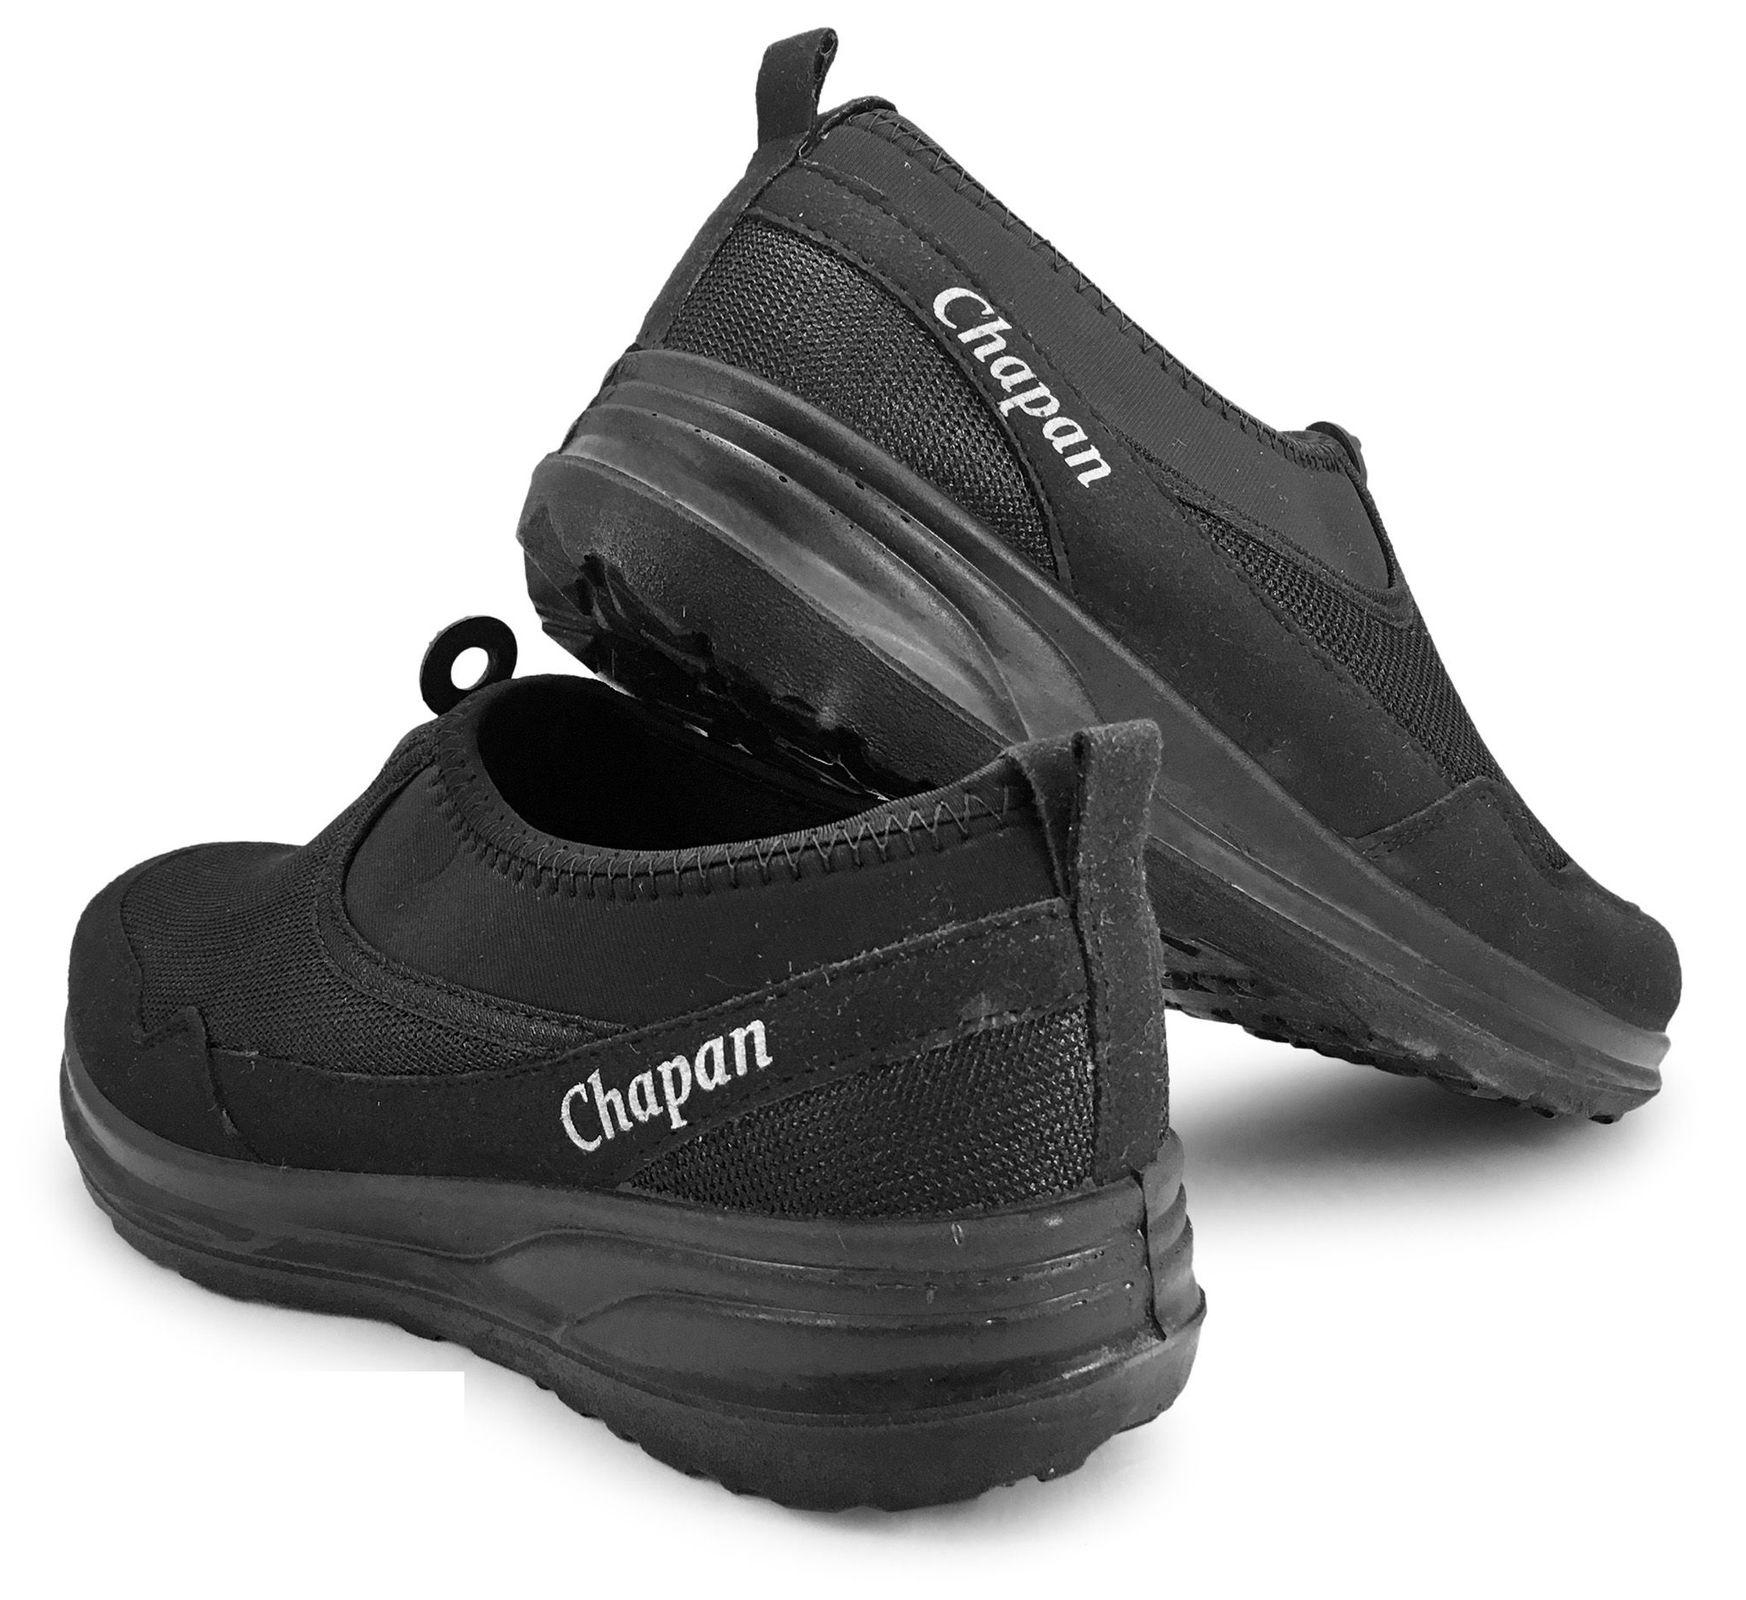 کفش مخصوص پیاده روی زنانه چپان کد 3665 main 1 3